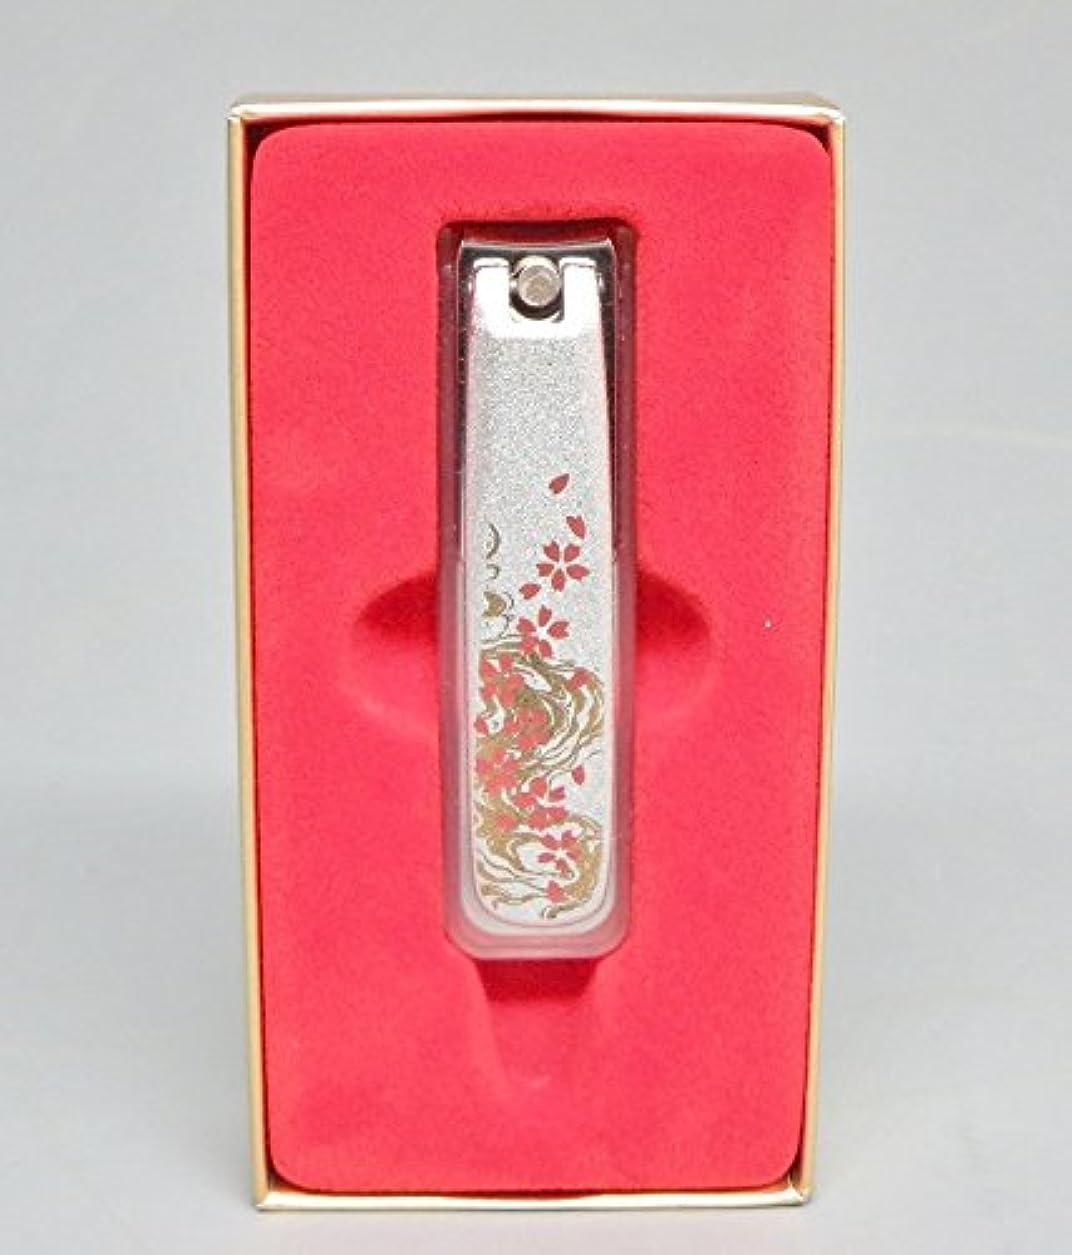 投票バリーこれまで高級 加賀蒔絵 爪きり  日本製 岐阜県関産 銀 桜流水